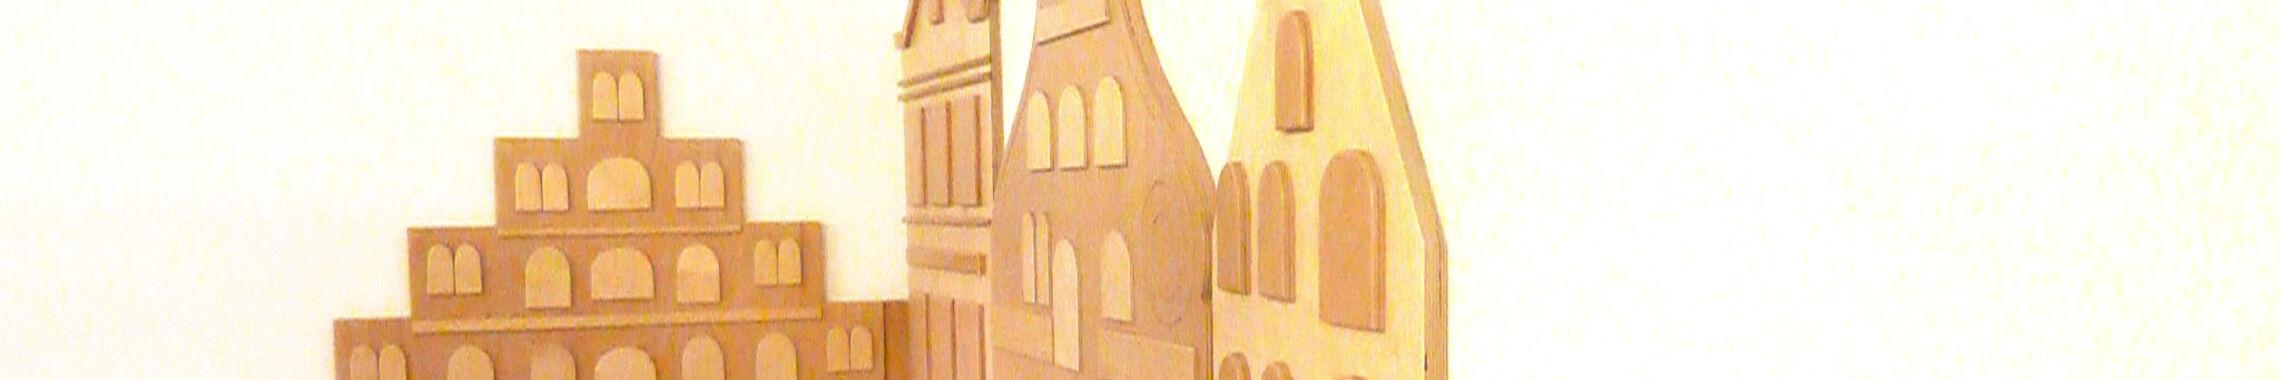 holzstadtbild kopfbild